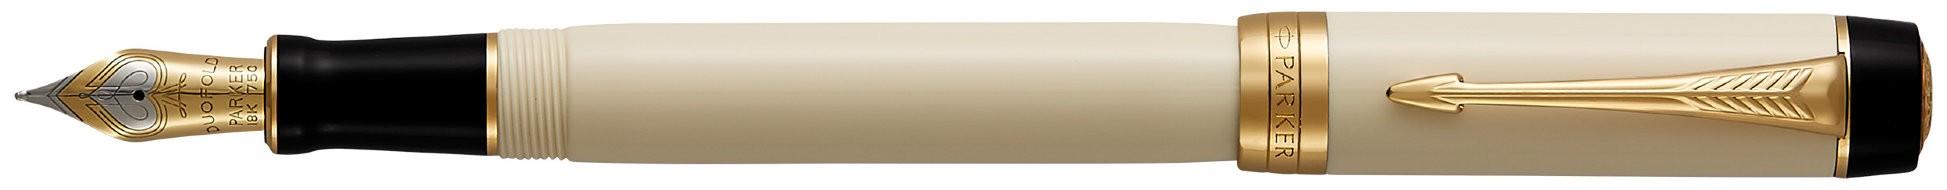 Перьевая ручка Parker Duofold F77 Centennial Ivory/Black GT в Воронеже